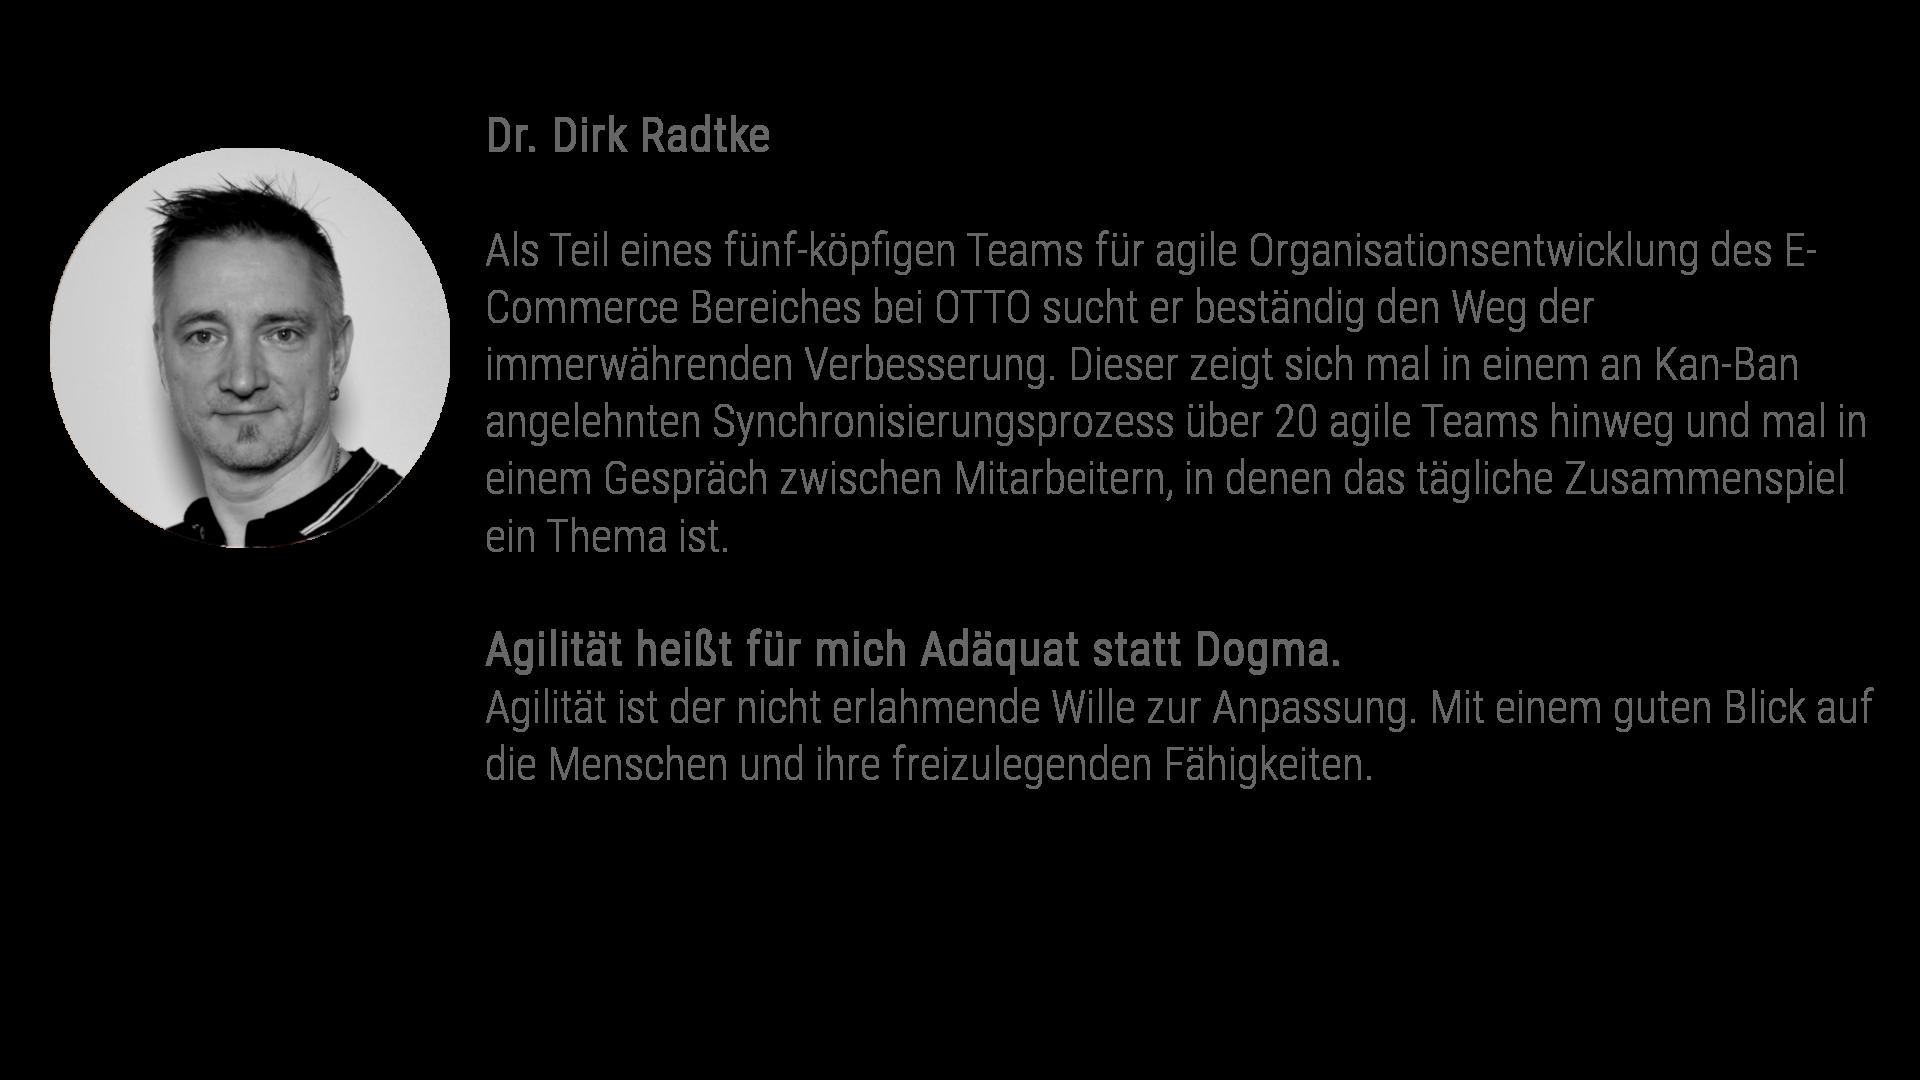 Dr. Dirk Radtke Als Teil eines fünf-köpfigen Teams für agile Organisationsentwicklung des E-Commerce Bereiches bei OTTO sucht er beständig den Weg der immerwährenden Verbesserung. Dieser zeigt sich mal in einem an Kan-Ban angelehnten Synchronisierungsprozess über 20 agile Teams hinweg und mal in einem Gespräch zwischen Mitarbeitern, in denen das tägliche Zusammenspiel ein Thema ist. Agilität heißt für mich Adäquat statt Dogma. Agilität ist der nicht erlahmende Wille zur Anpassung. Mit einem guten Blick auf die Menschen und ihre freizulegenden Fähigkeiten.